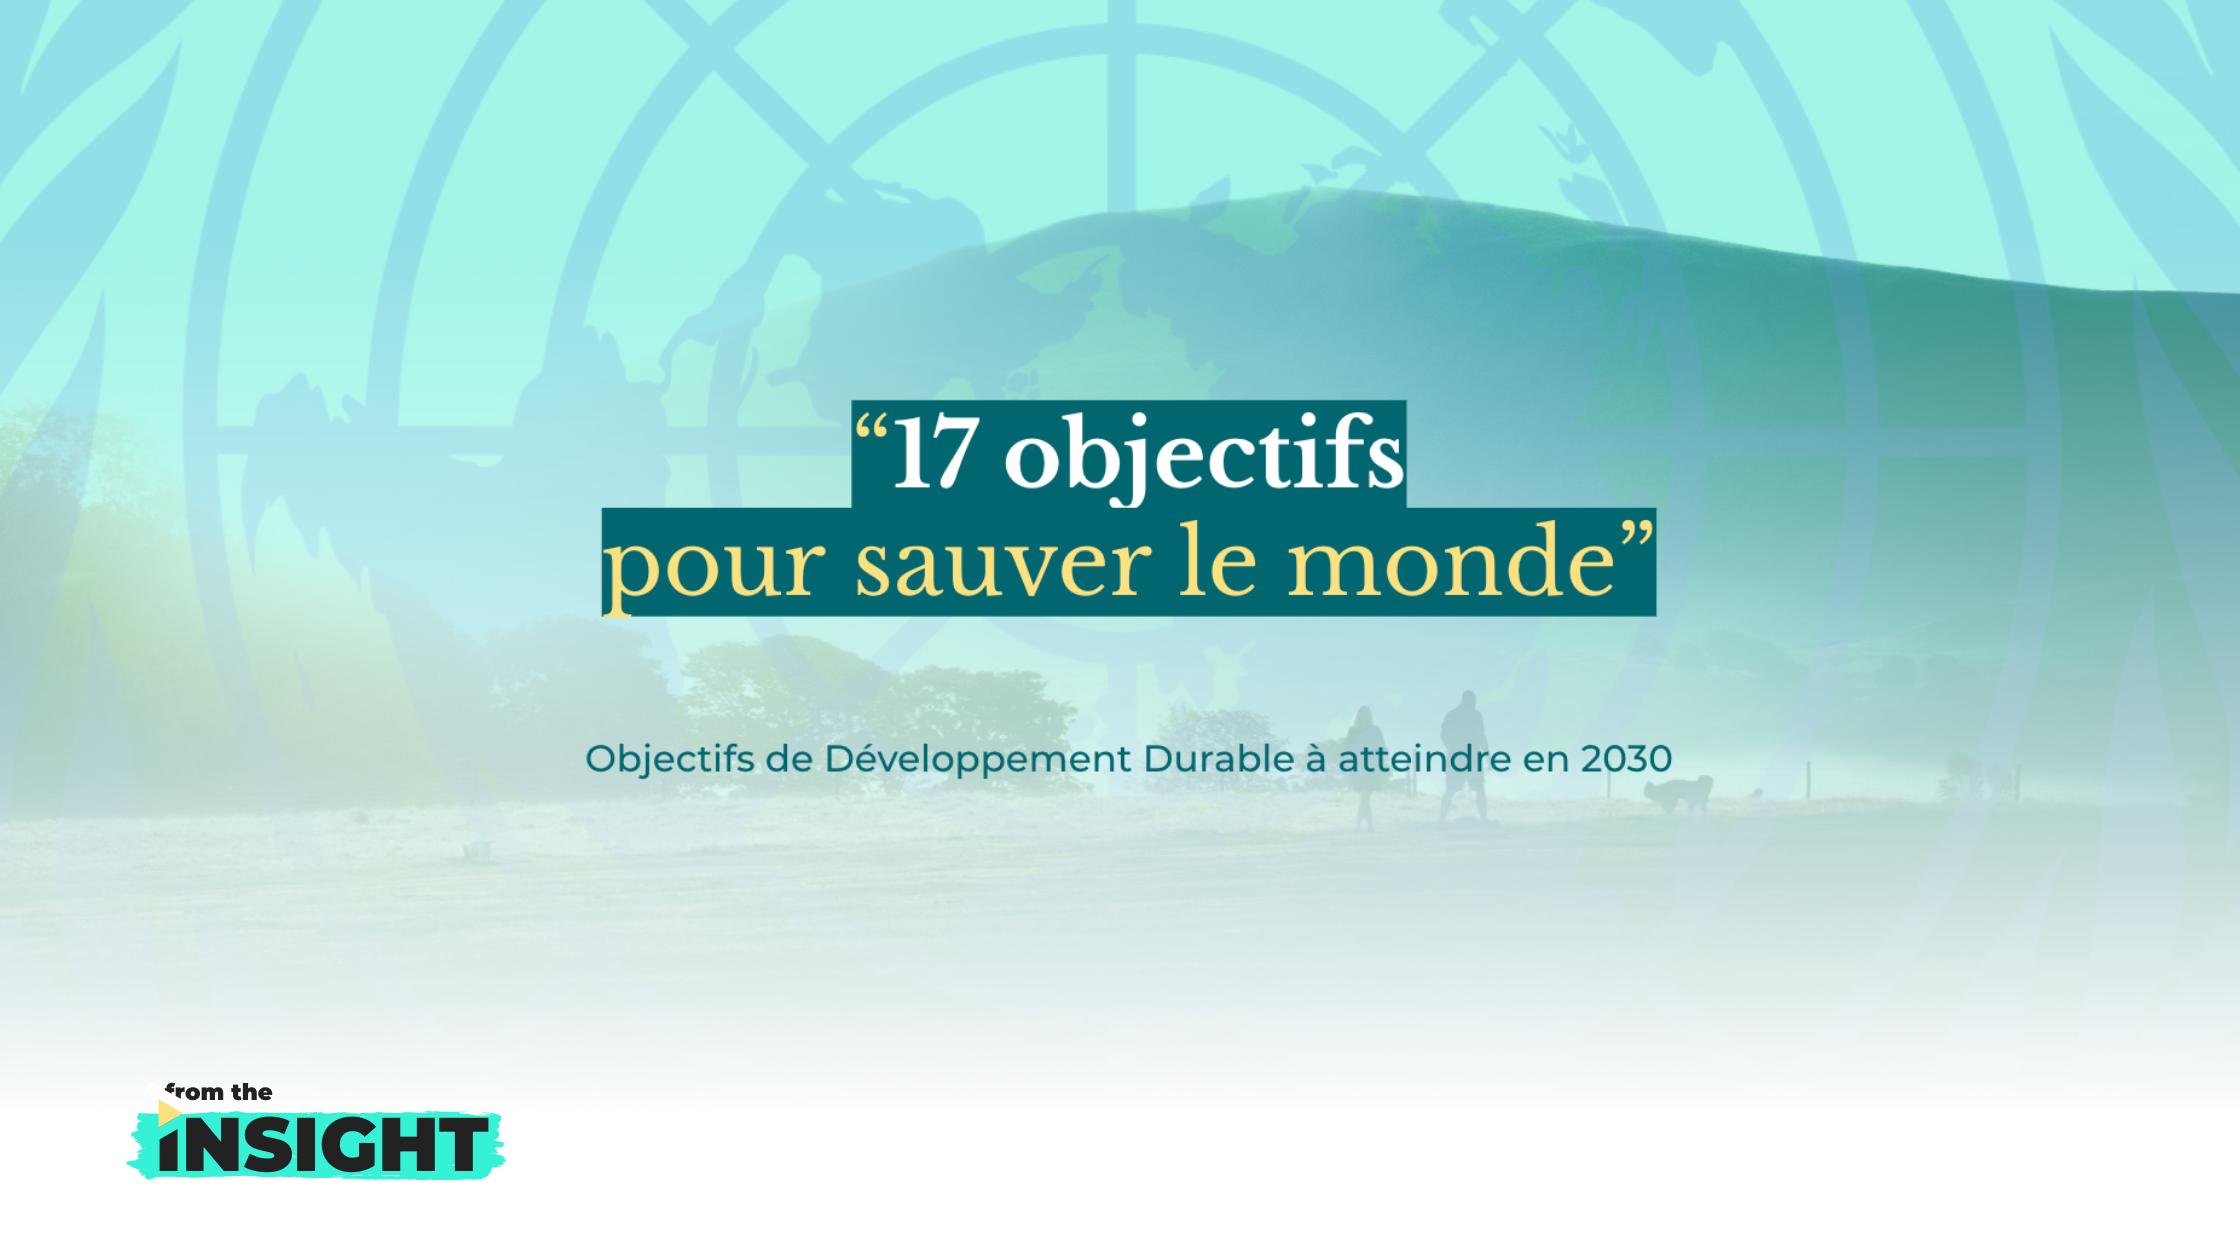 mesure des Objectifs de Développement Durable : 17 objectifs pour sauver le monde